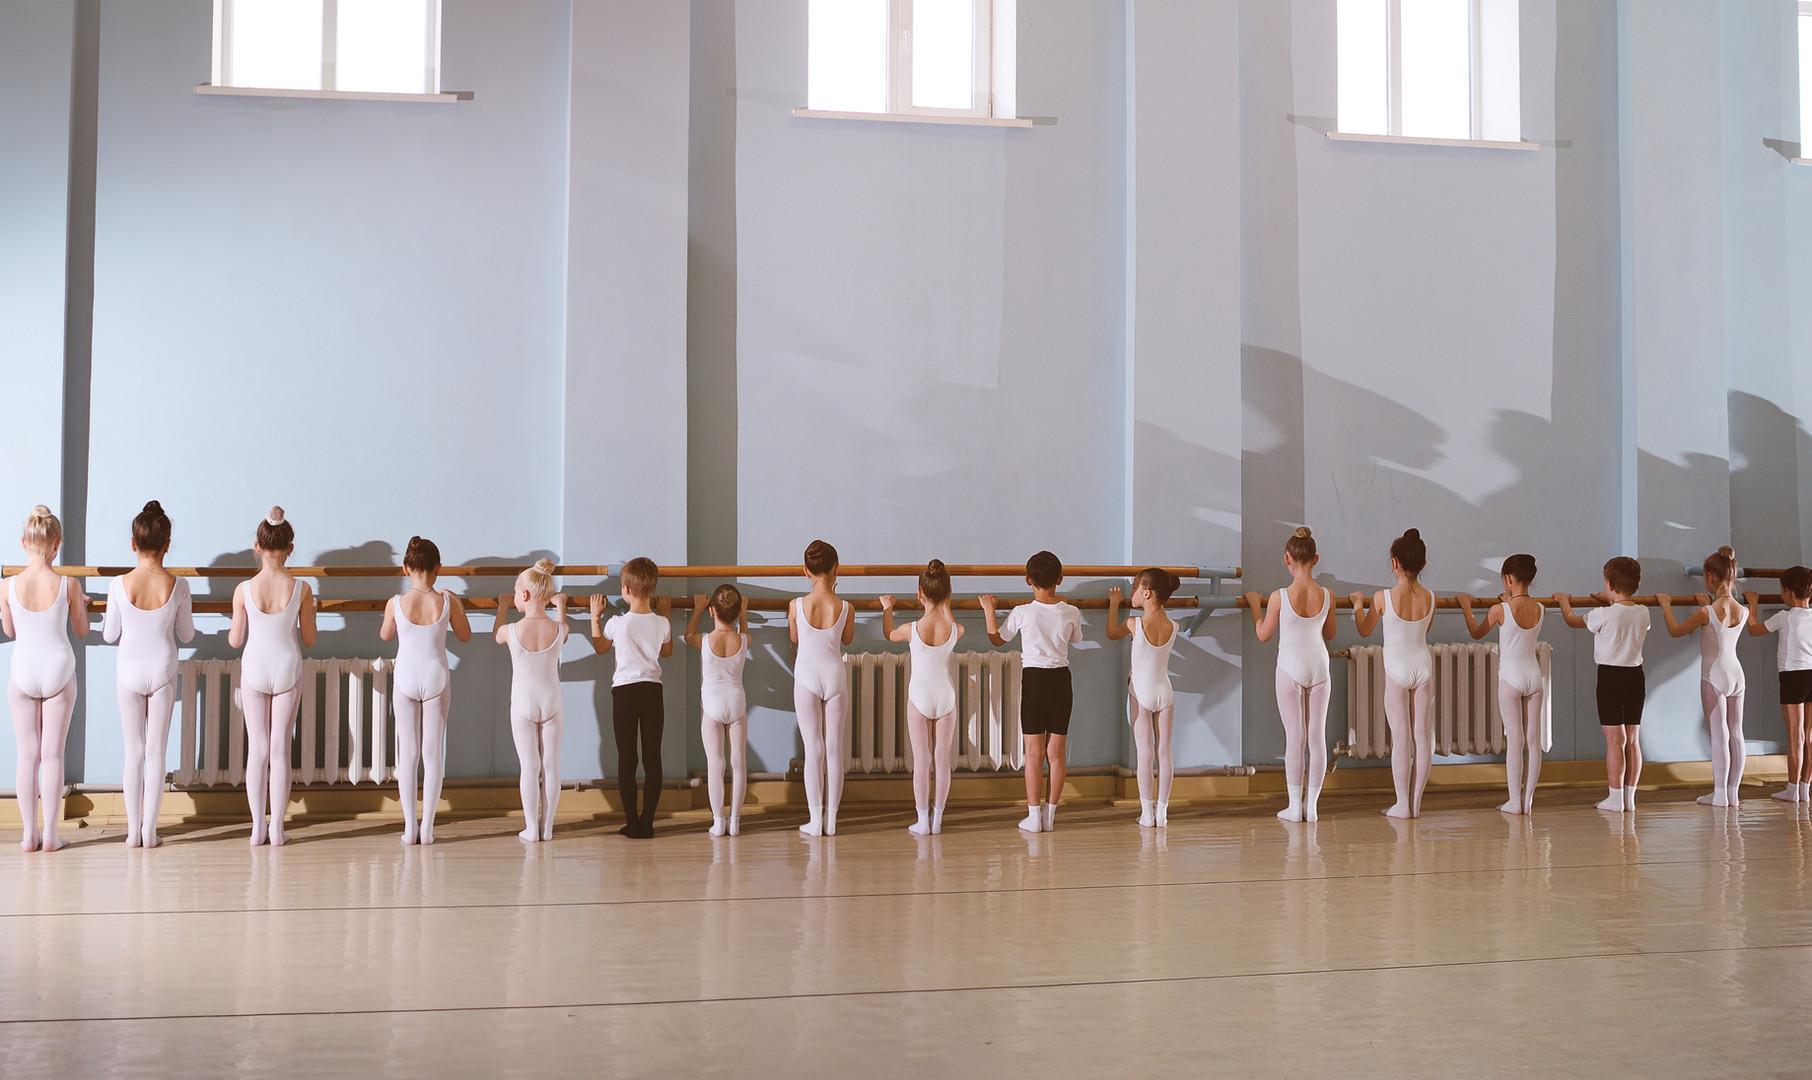 Jovens dançarinos na aula de balé